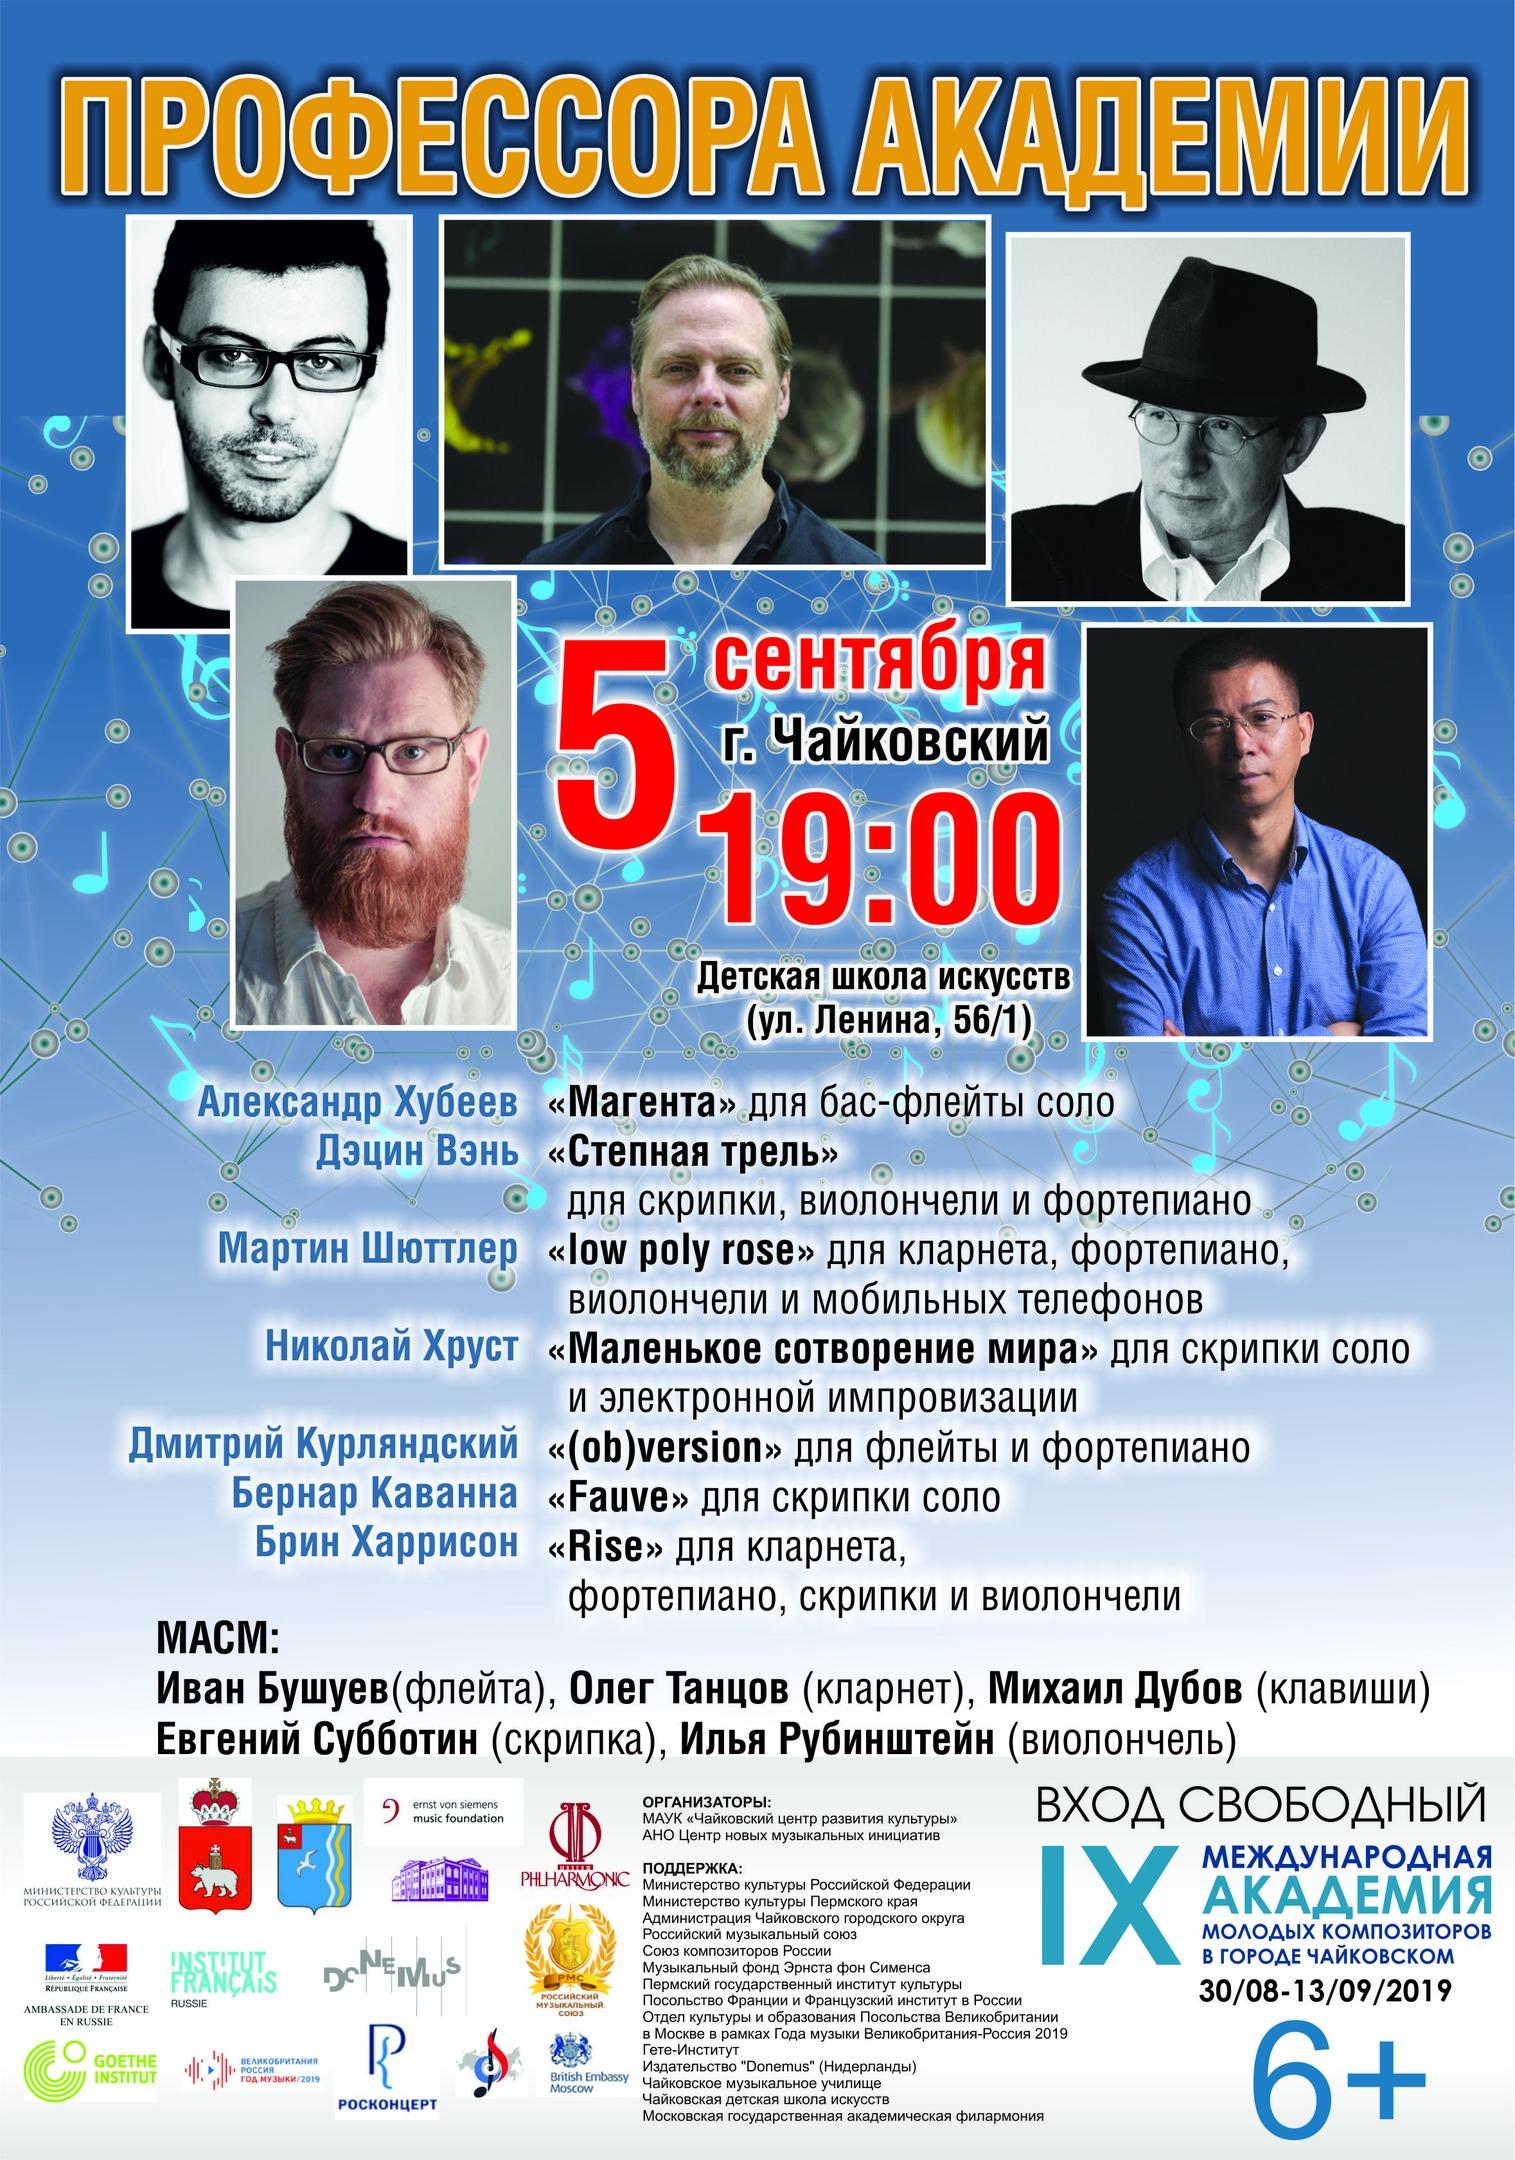 академия молодых композиторов, чайковский район, 2019 год